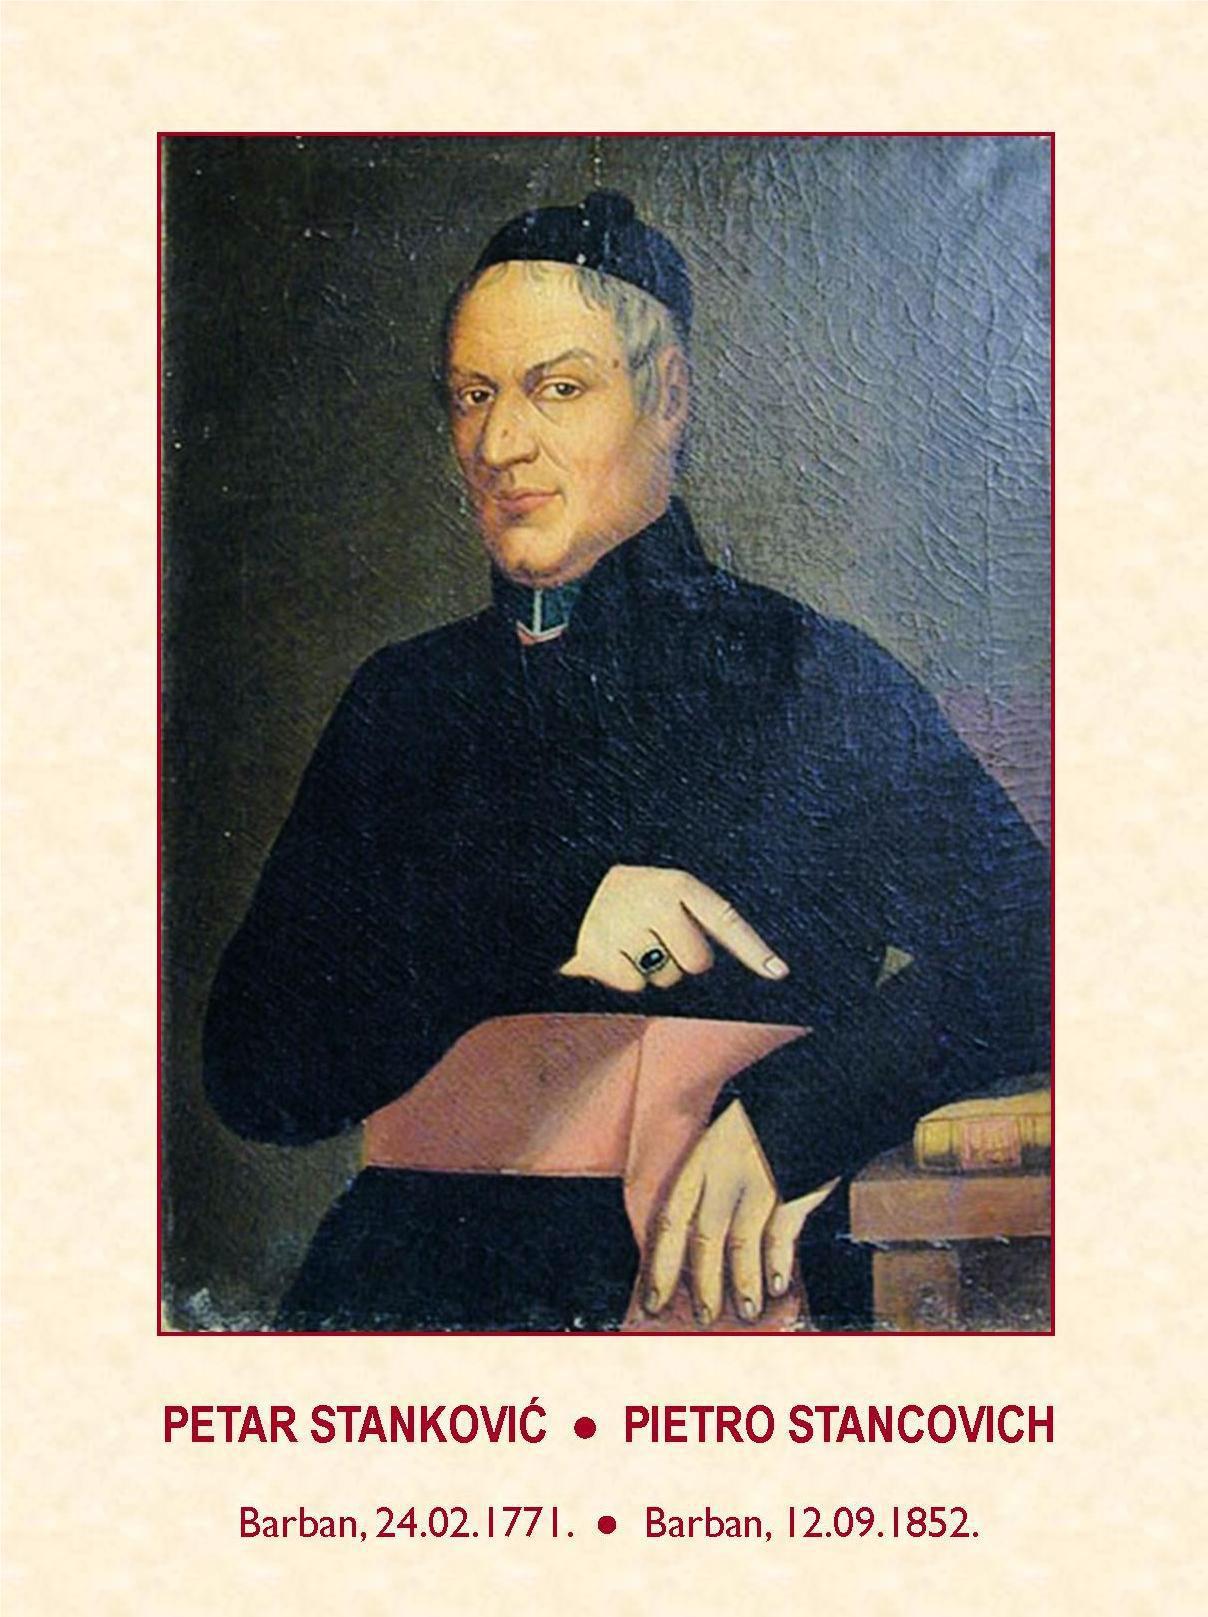 Petar Stanković